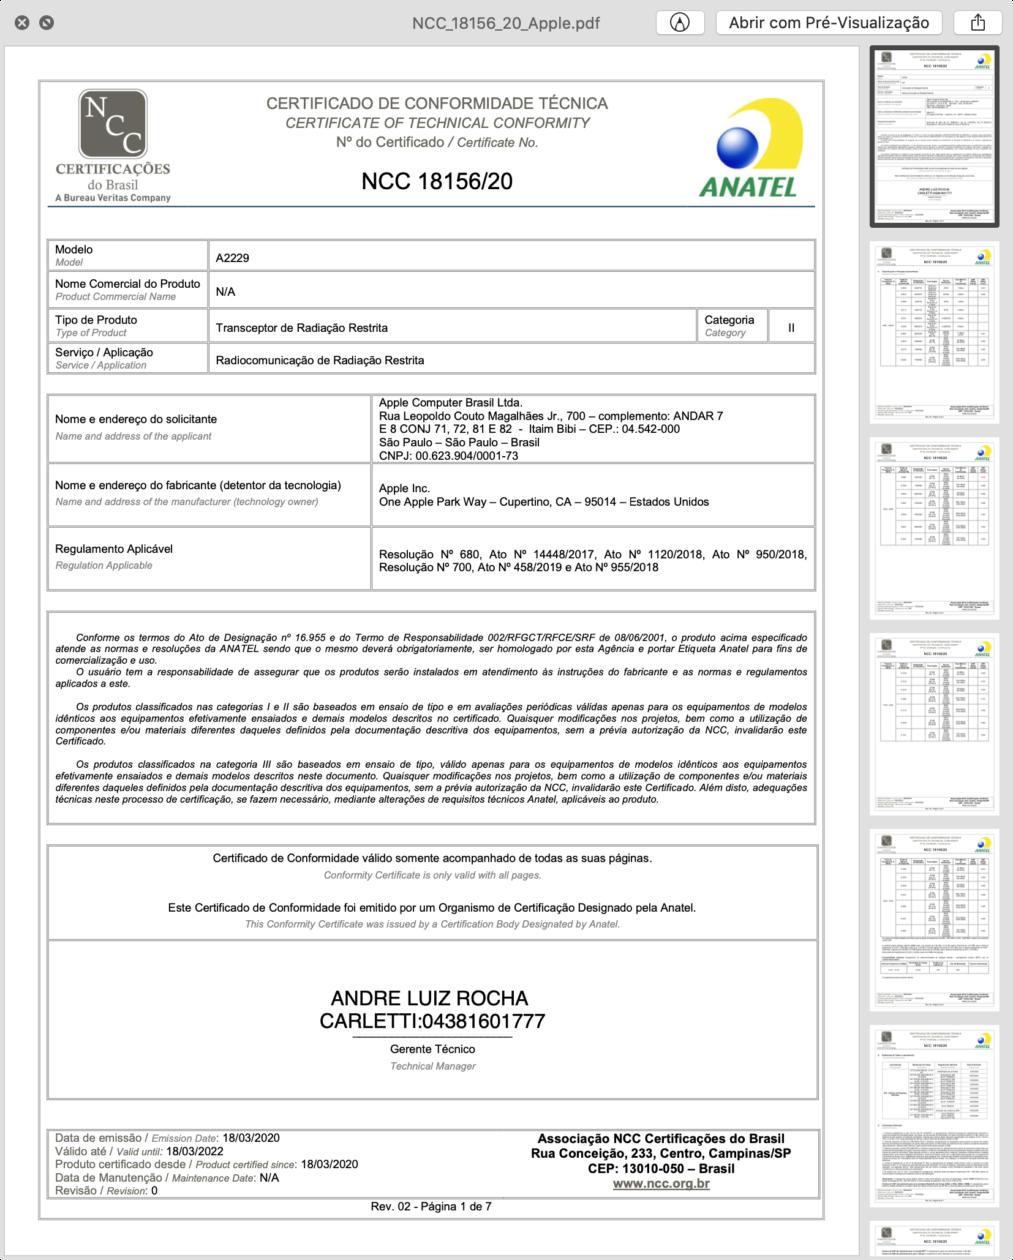 """Certificado de conformidade técnica do iPad Pro Wi-Fi de 12,9"""""""